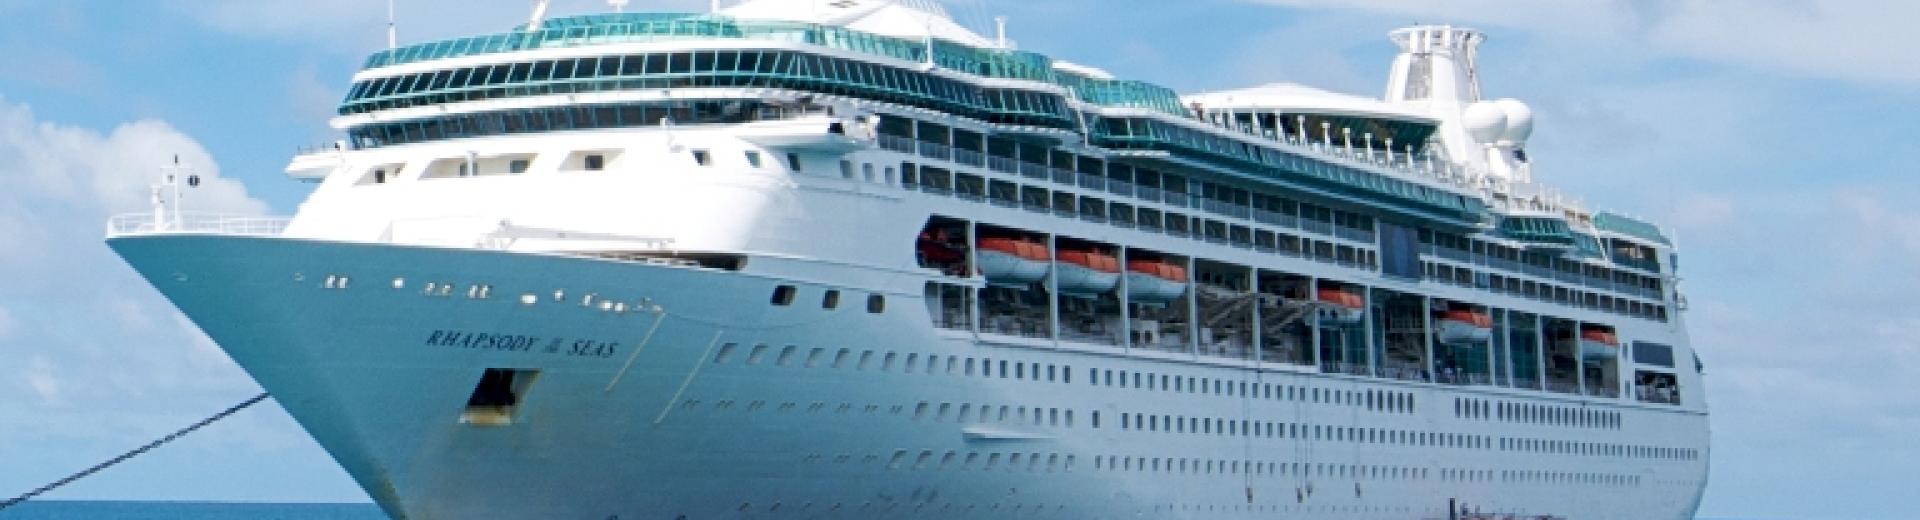 Rhapsody of the Seas RESIZED